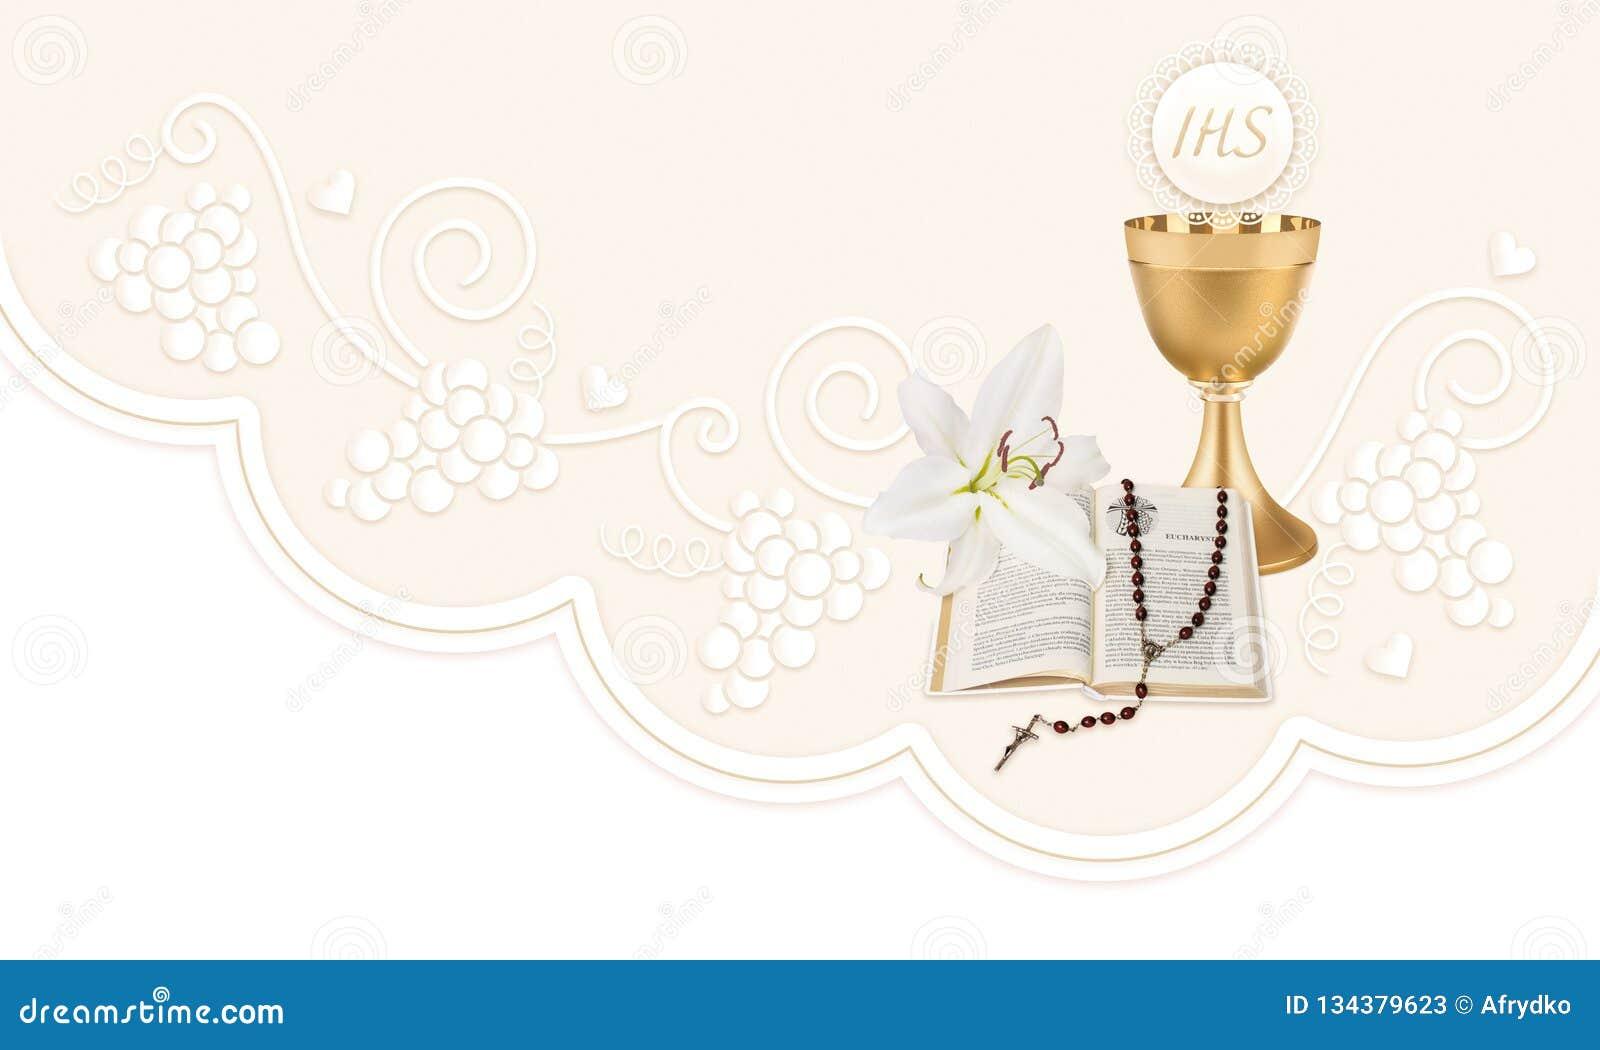 Den första nattvarden, en illustration med en kopp, en värd, bibel, lilja och radband